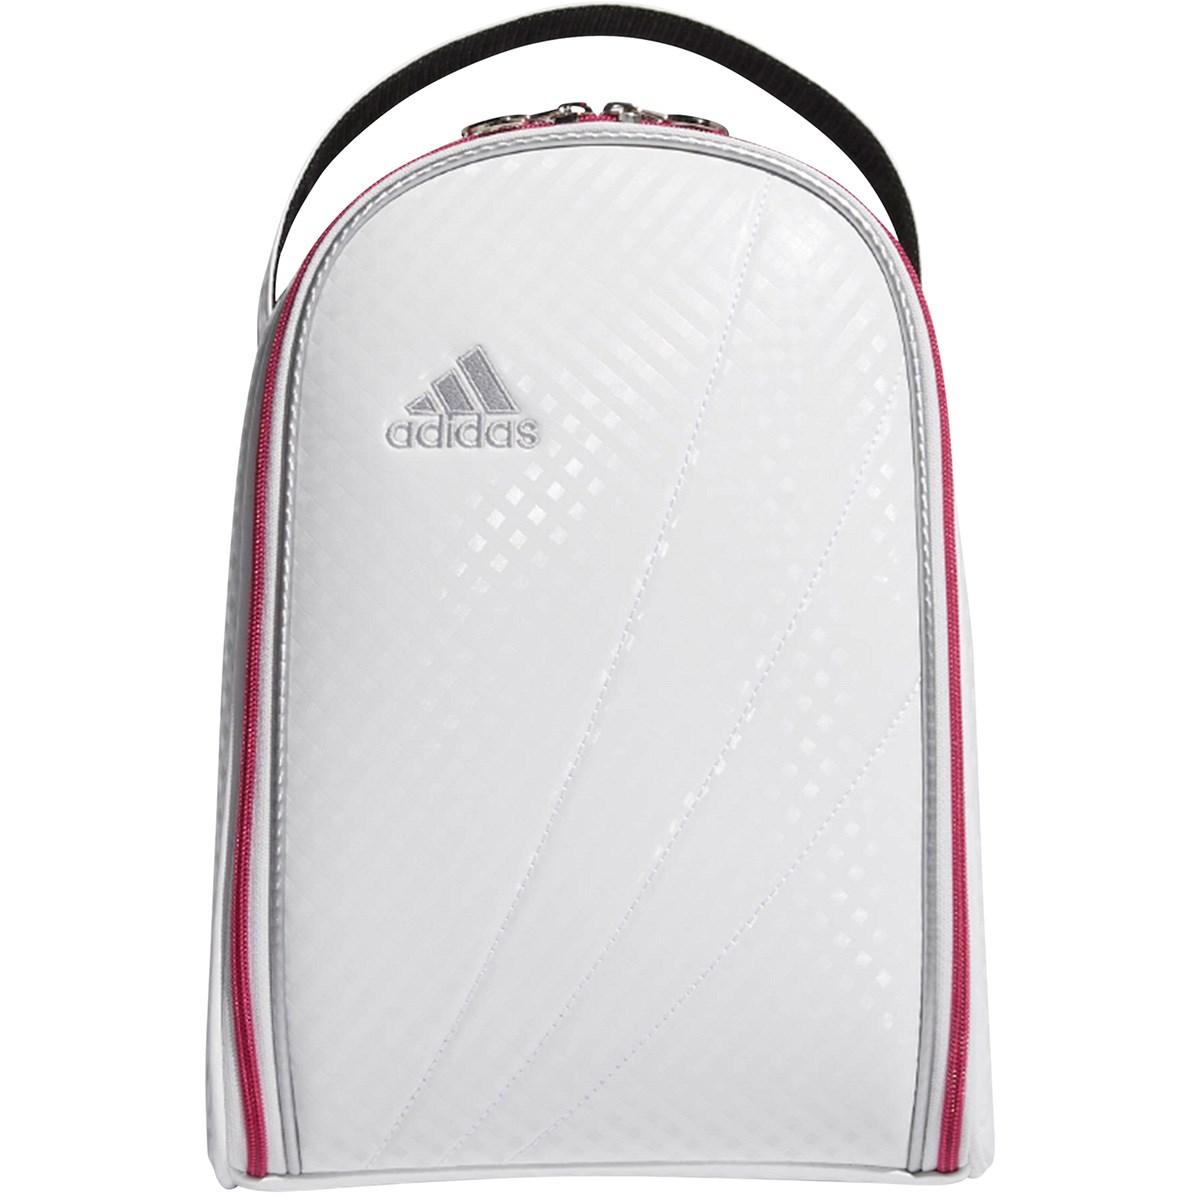 アディダス(adidas) キルティングシューズケースレディス